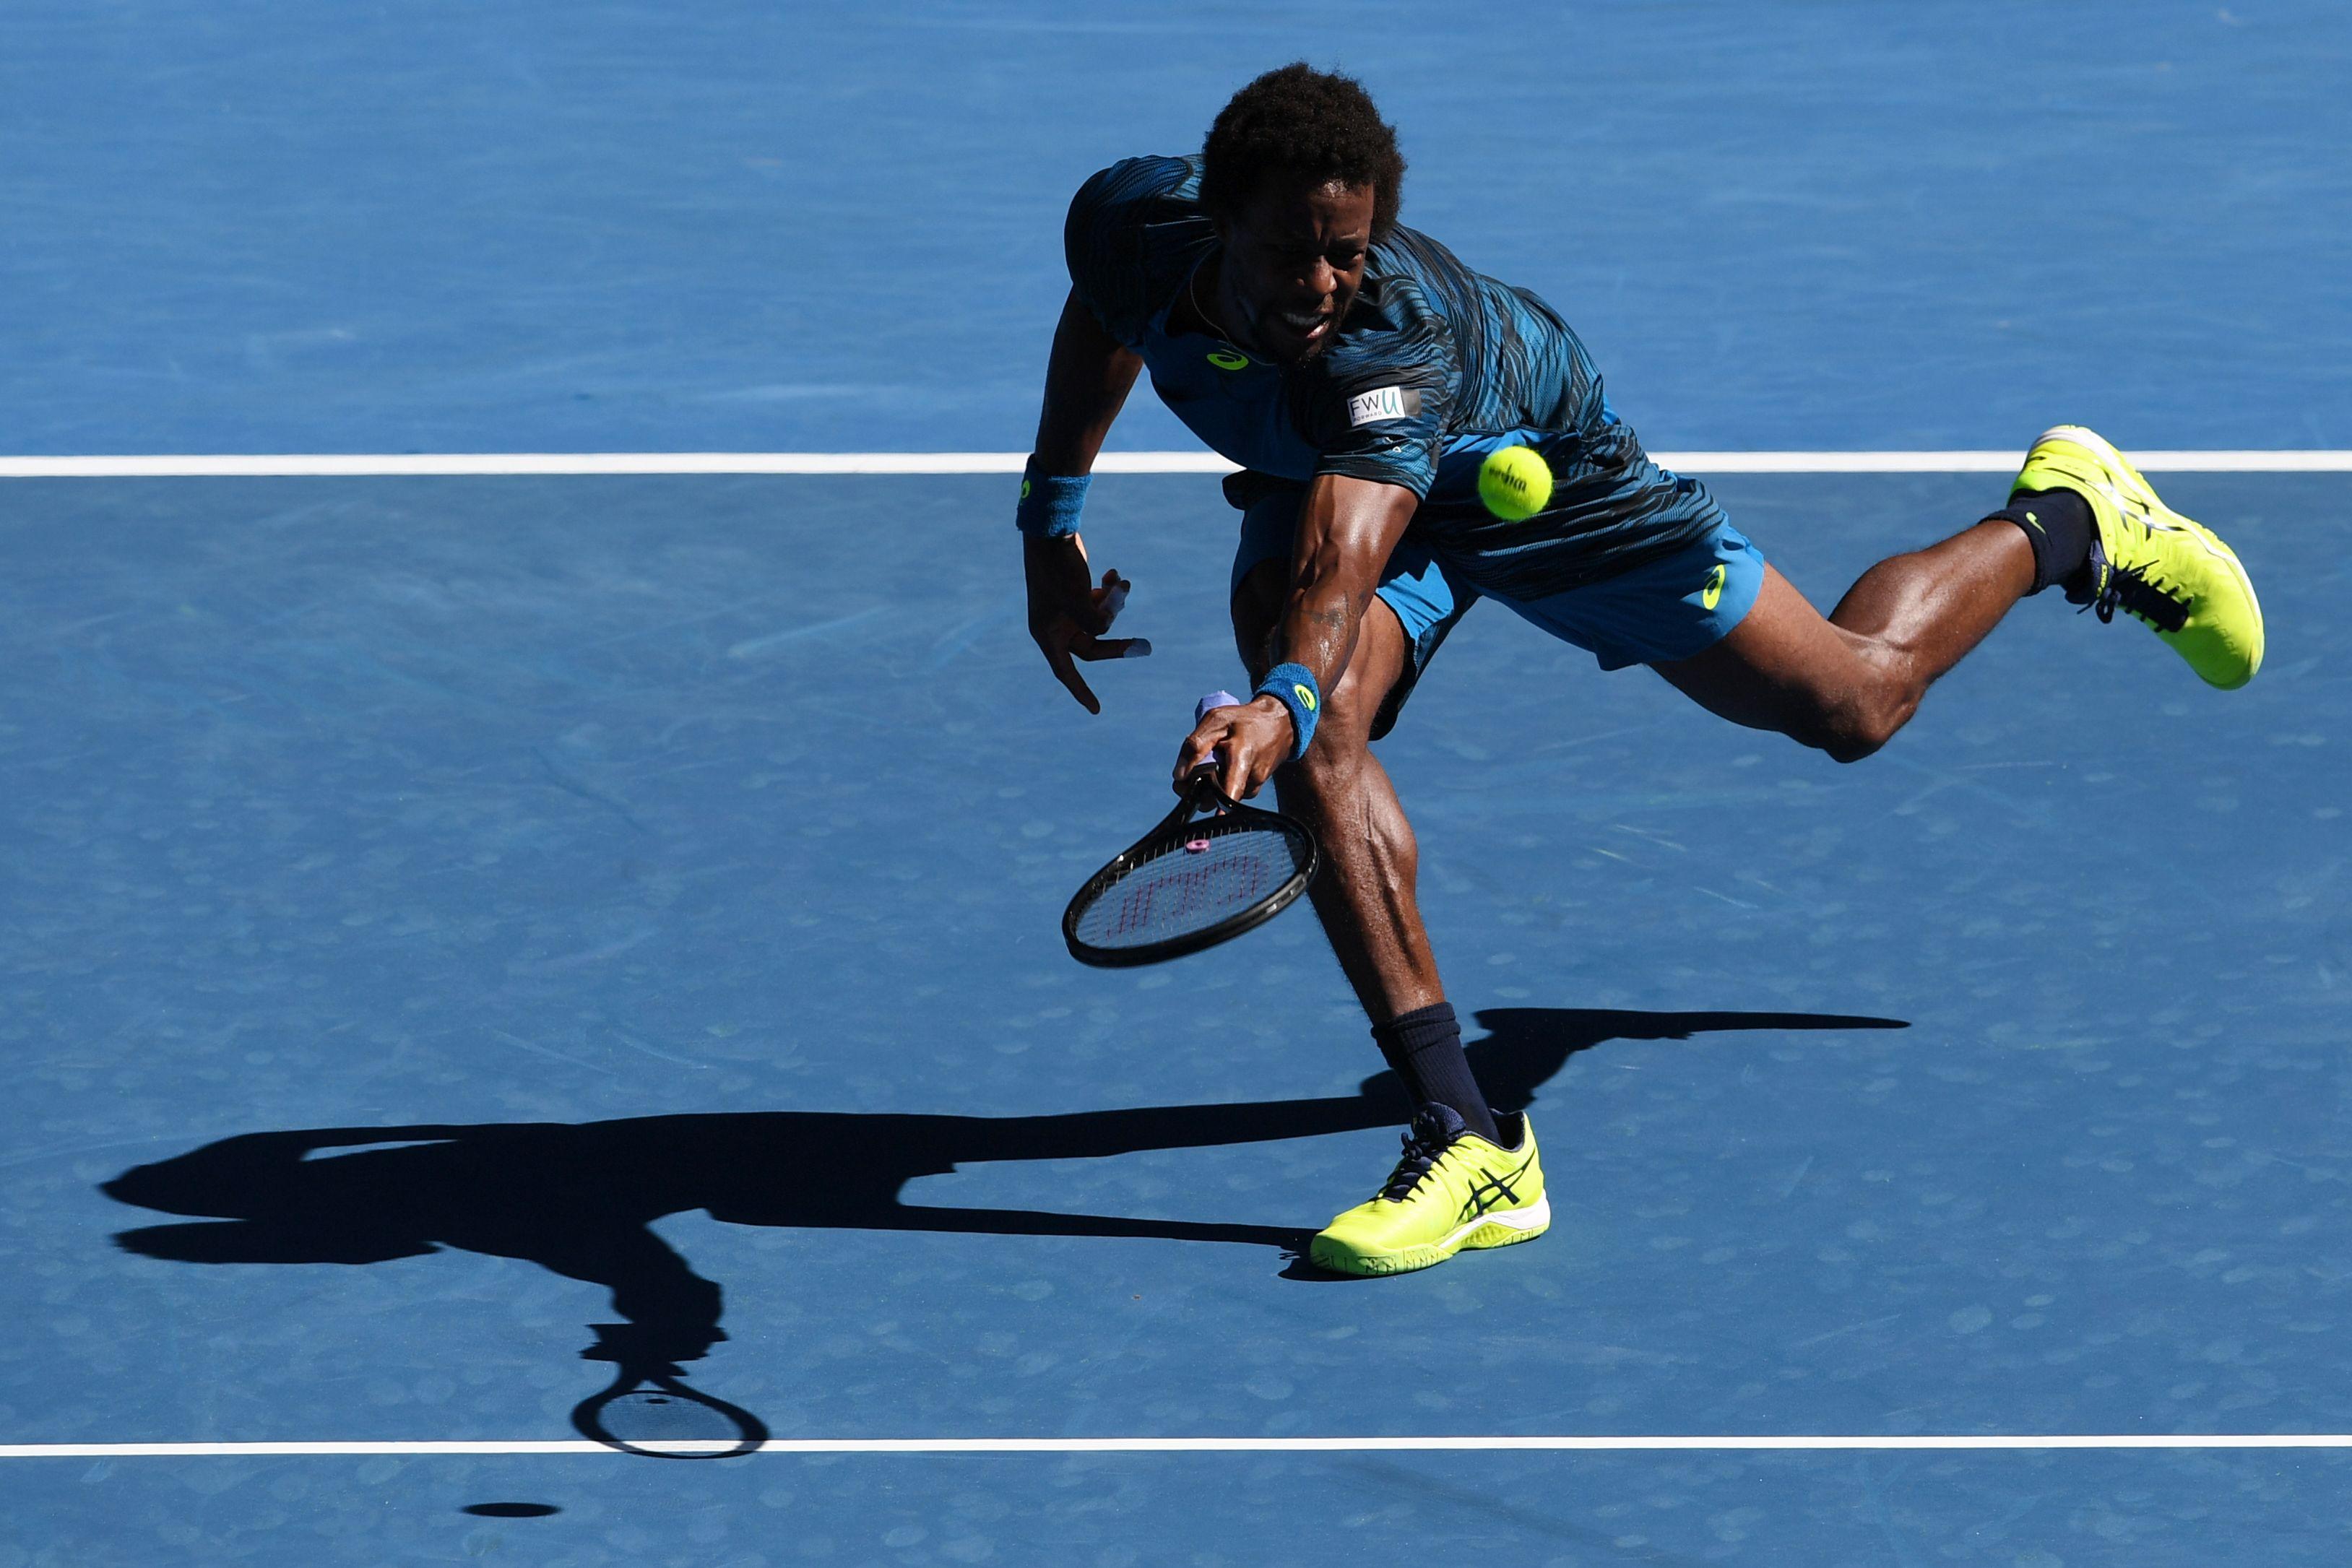 Tennis - Open Australie - Monfils, la qualification et des coups de raquette magiques